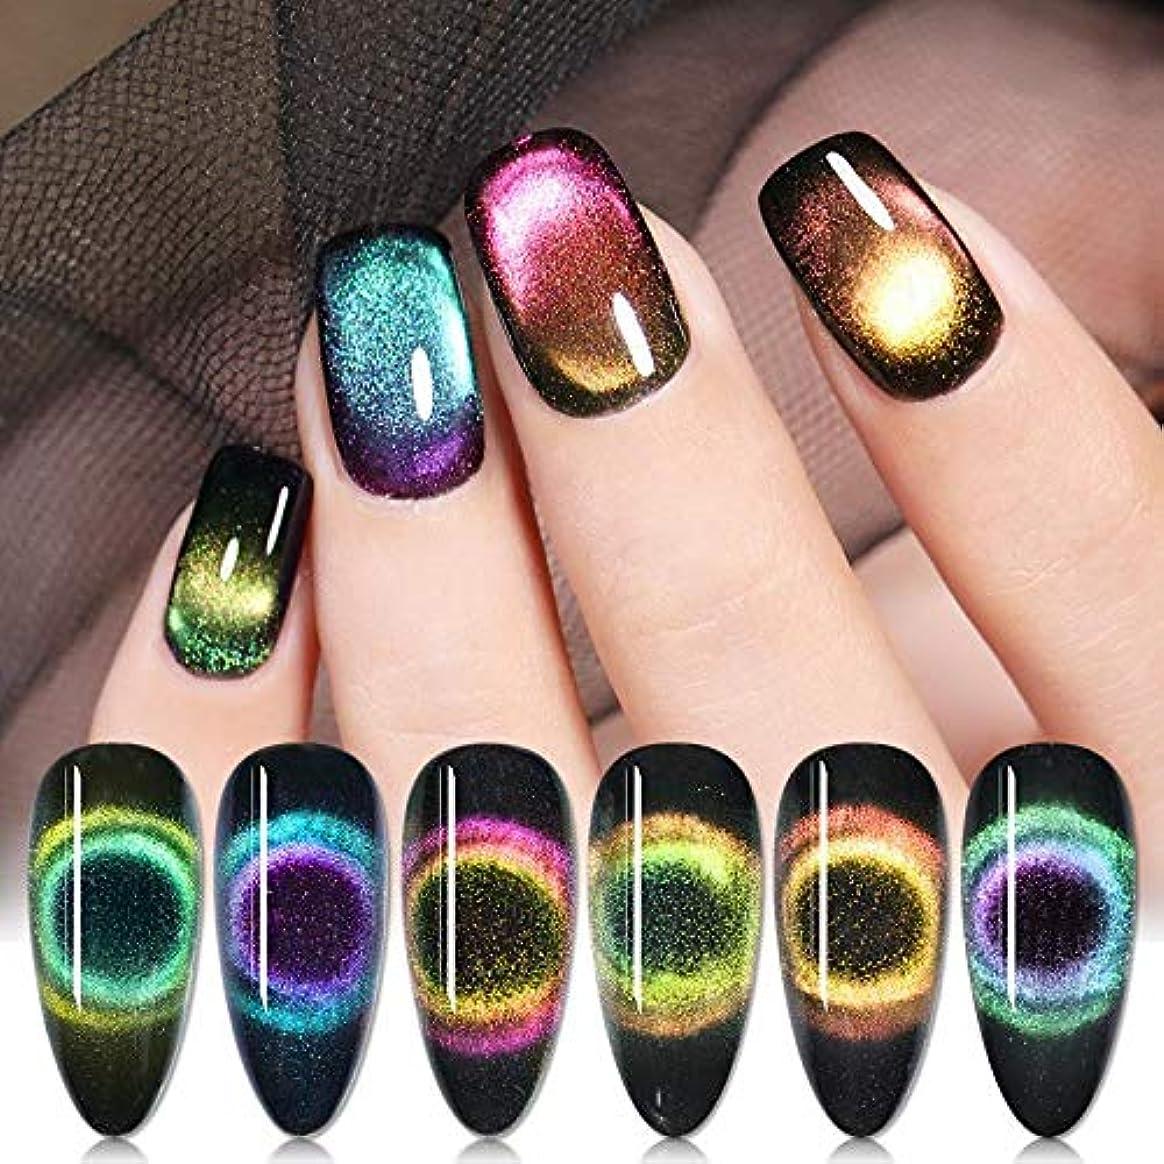 ナインへ拒絶正規化BORN PRETTY 9Dキャッツアイジェルカラー 磁石で模様が変わる 5ml 6色選択可 UV/LED対応 ジェルネイルアート (6色セット)